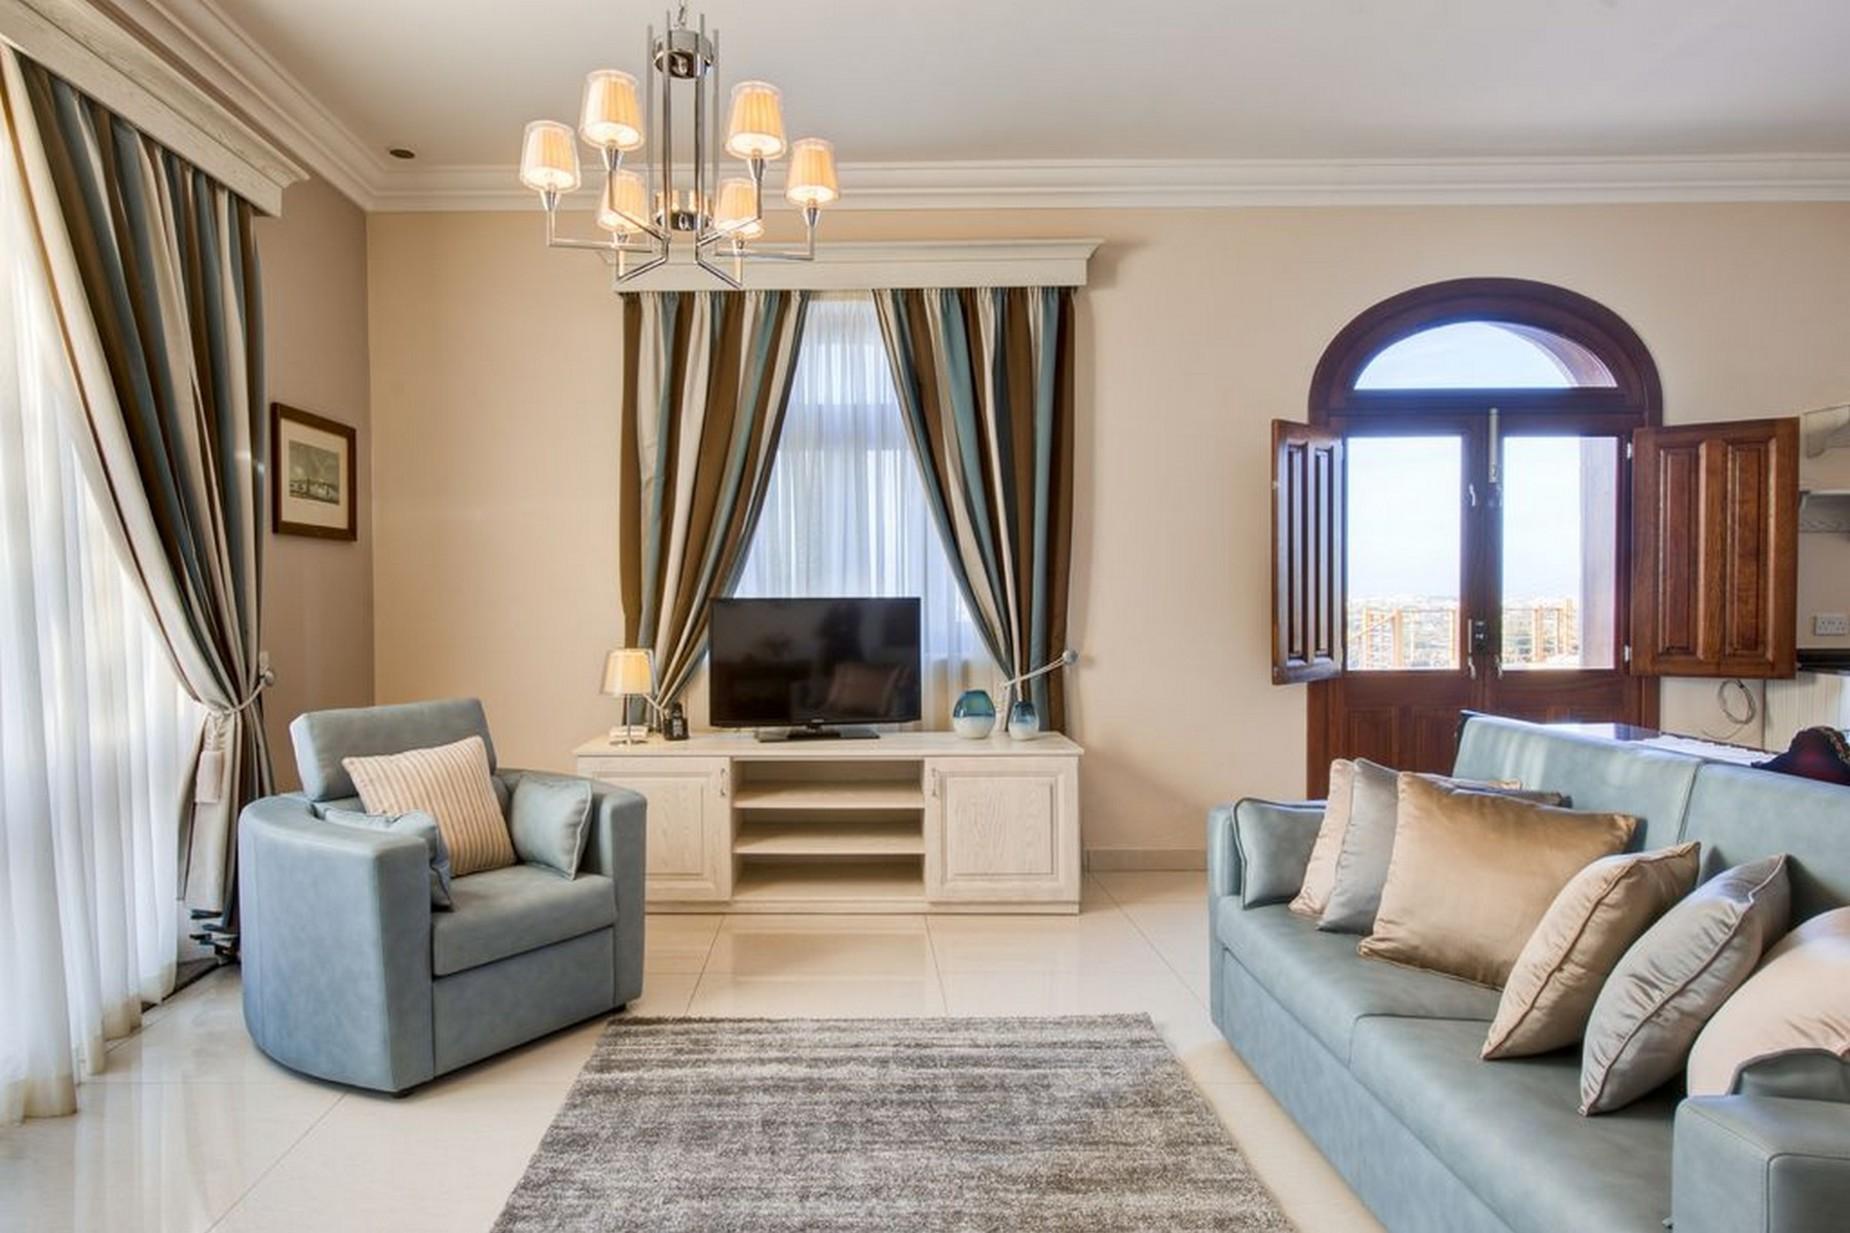 3 bed Villa For Rent in Zurrieq, Zurrieq - thumb 5